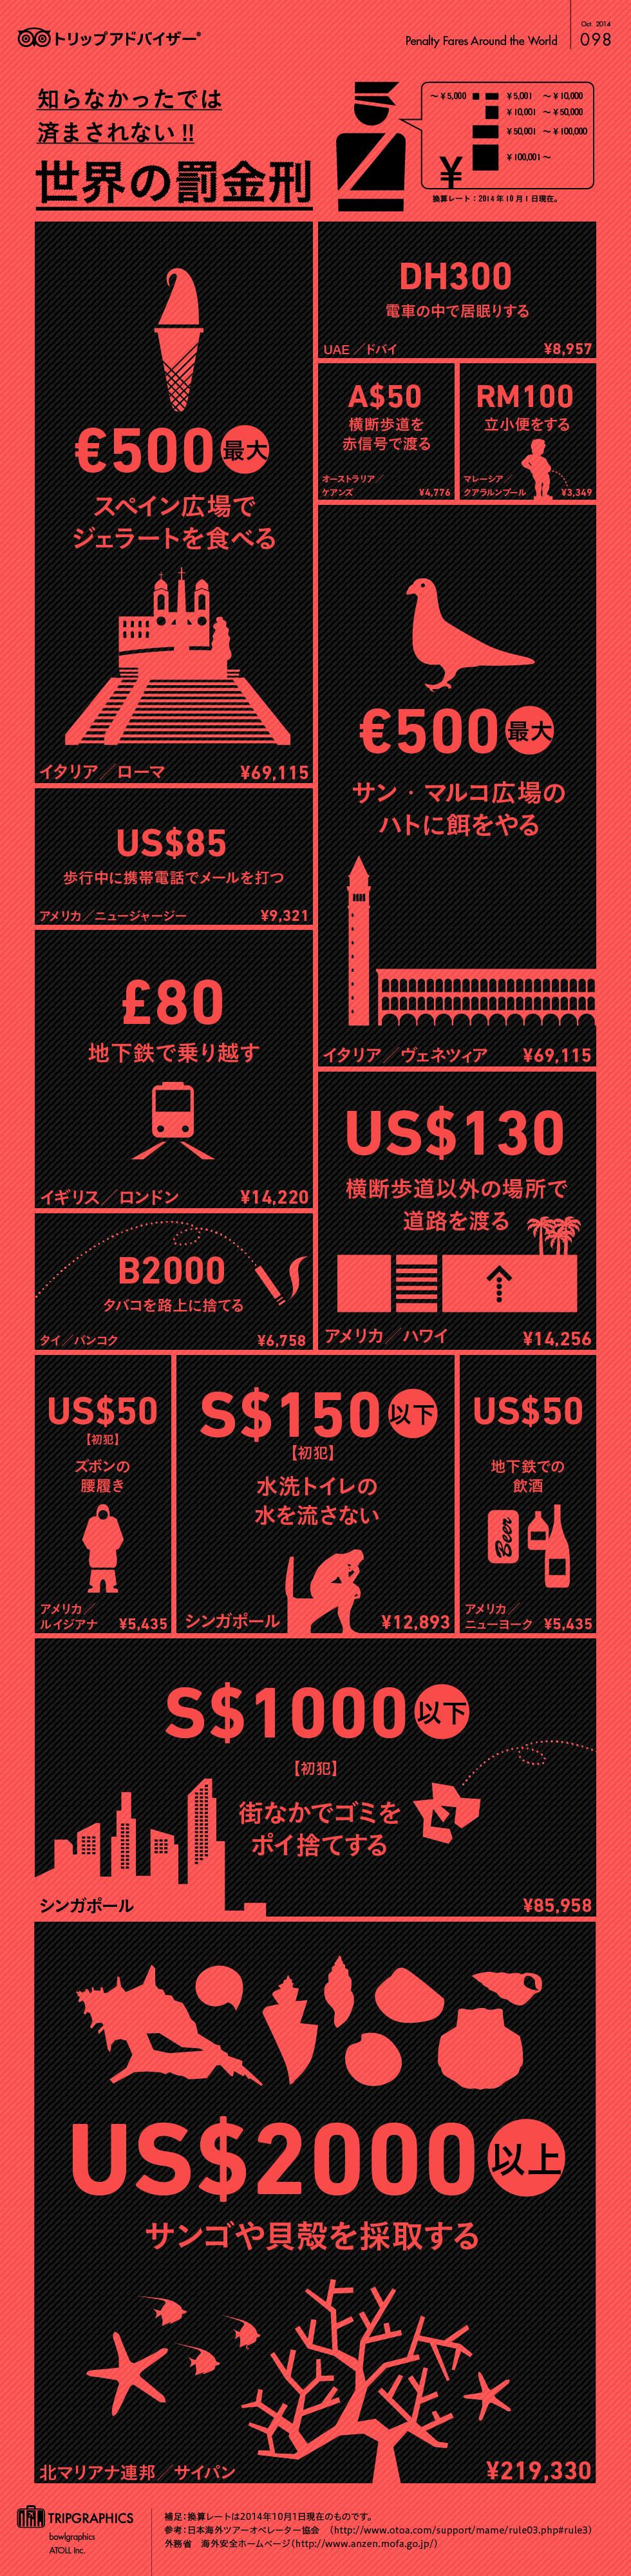 インフォグラフィック:世界の罰金刑は歩きスマホや腰パン、電車で居眠り罰金9000円